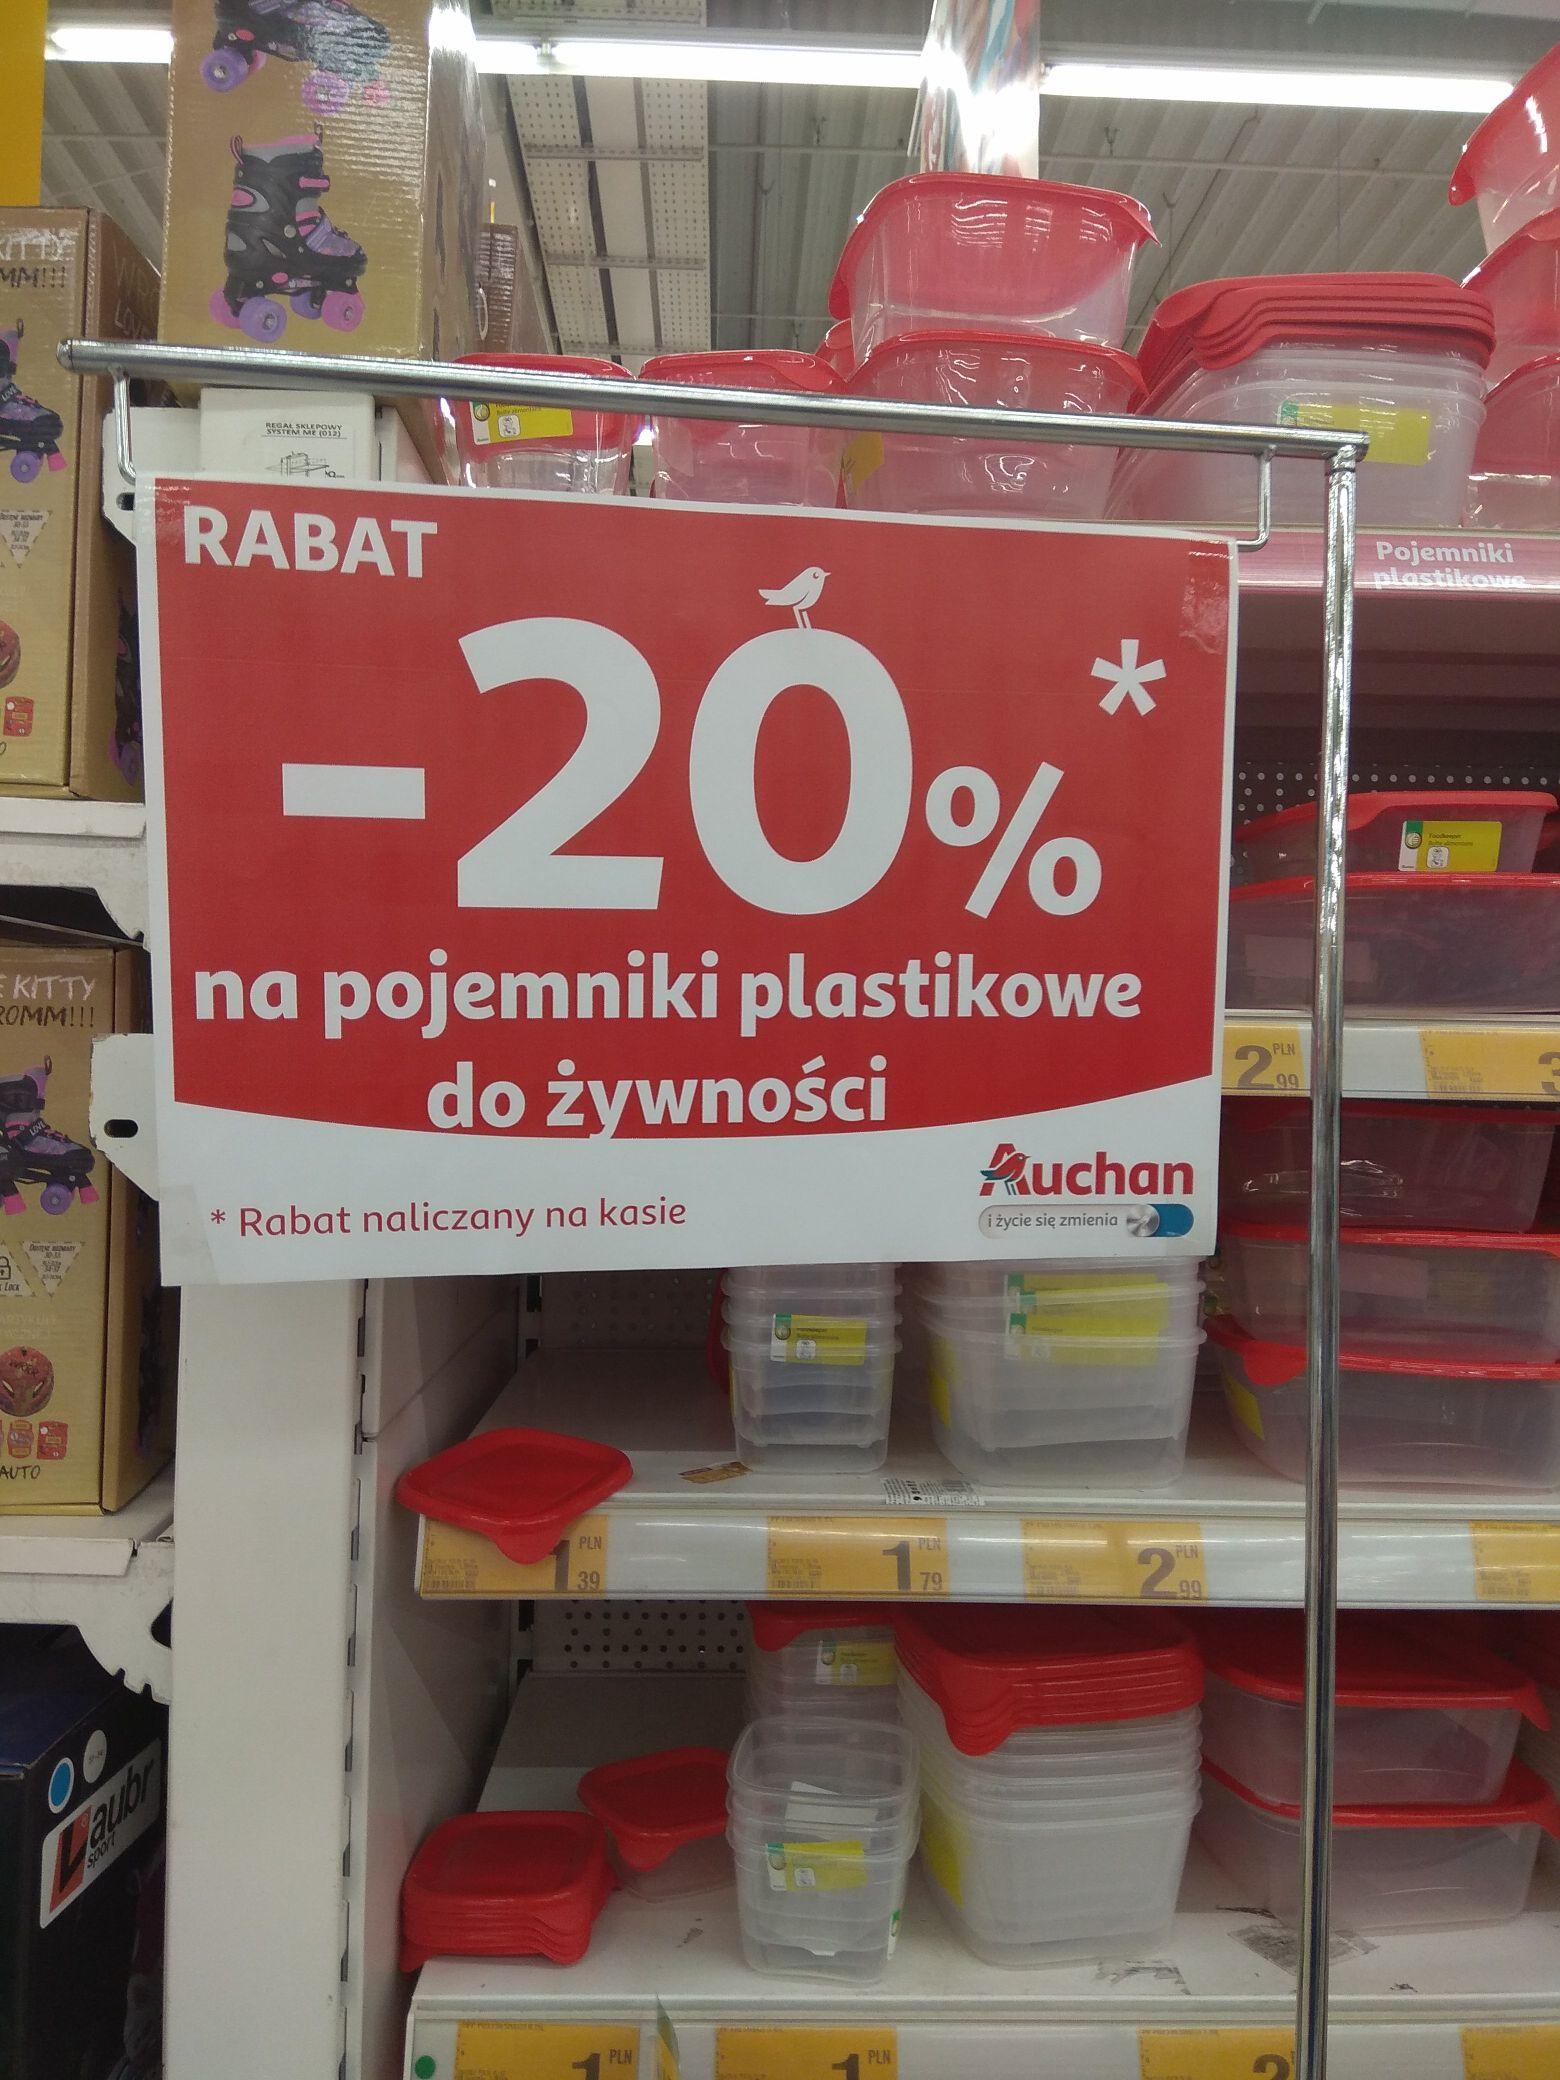 -20% na pojemniki plastikowe, Auchan, Lublin Chodźki